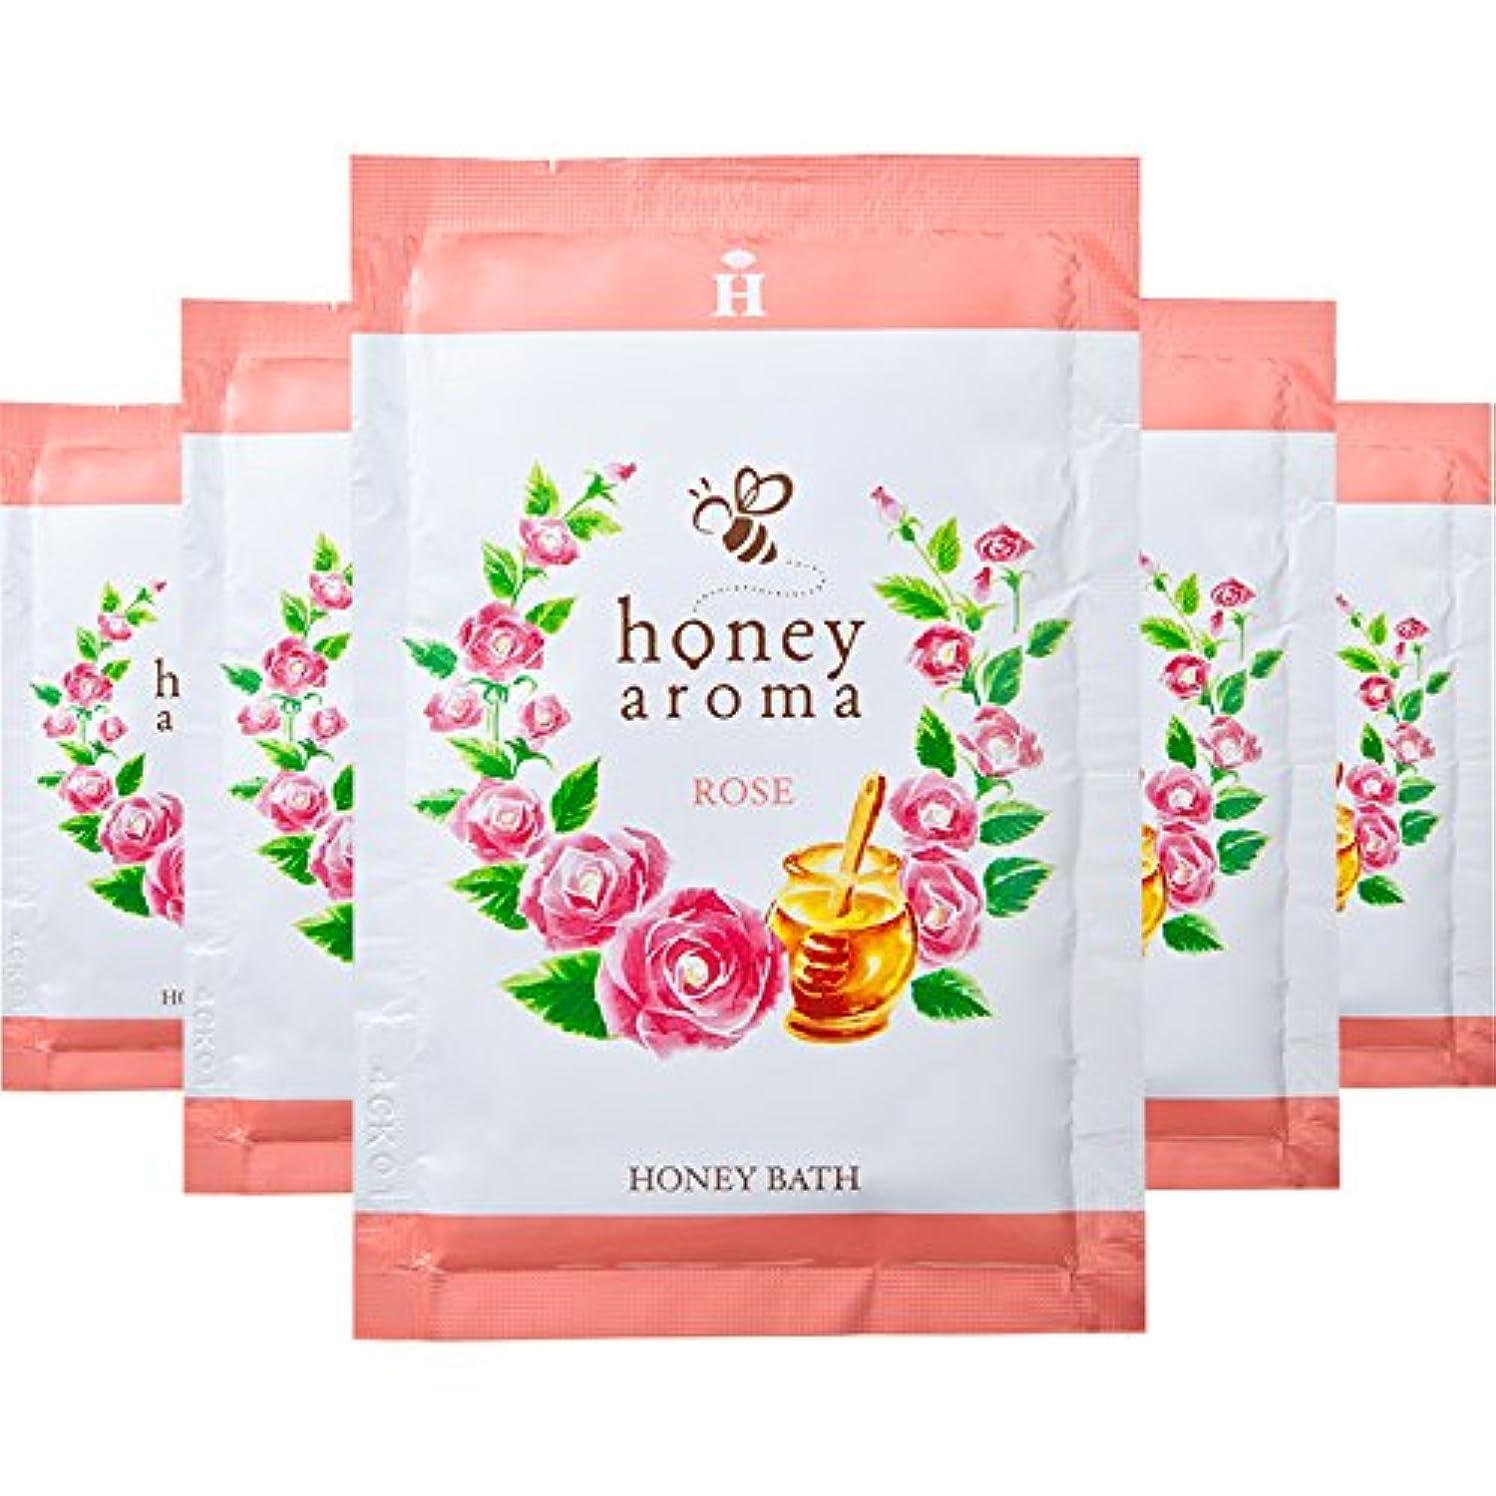 評価可能喉頭沼地ハニーアロマ ハニーバス(入浴剤) 5包(ローズの香り)